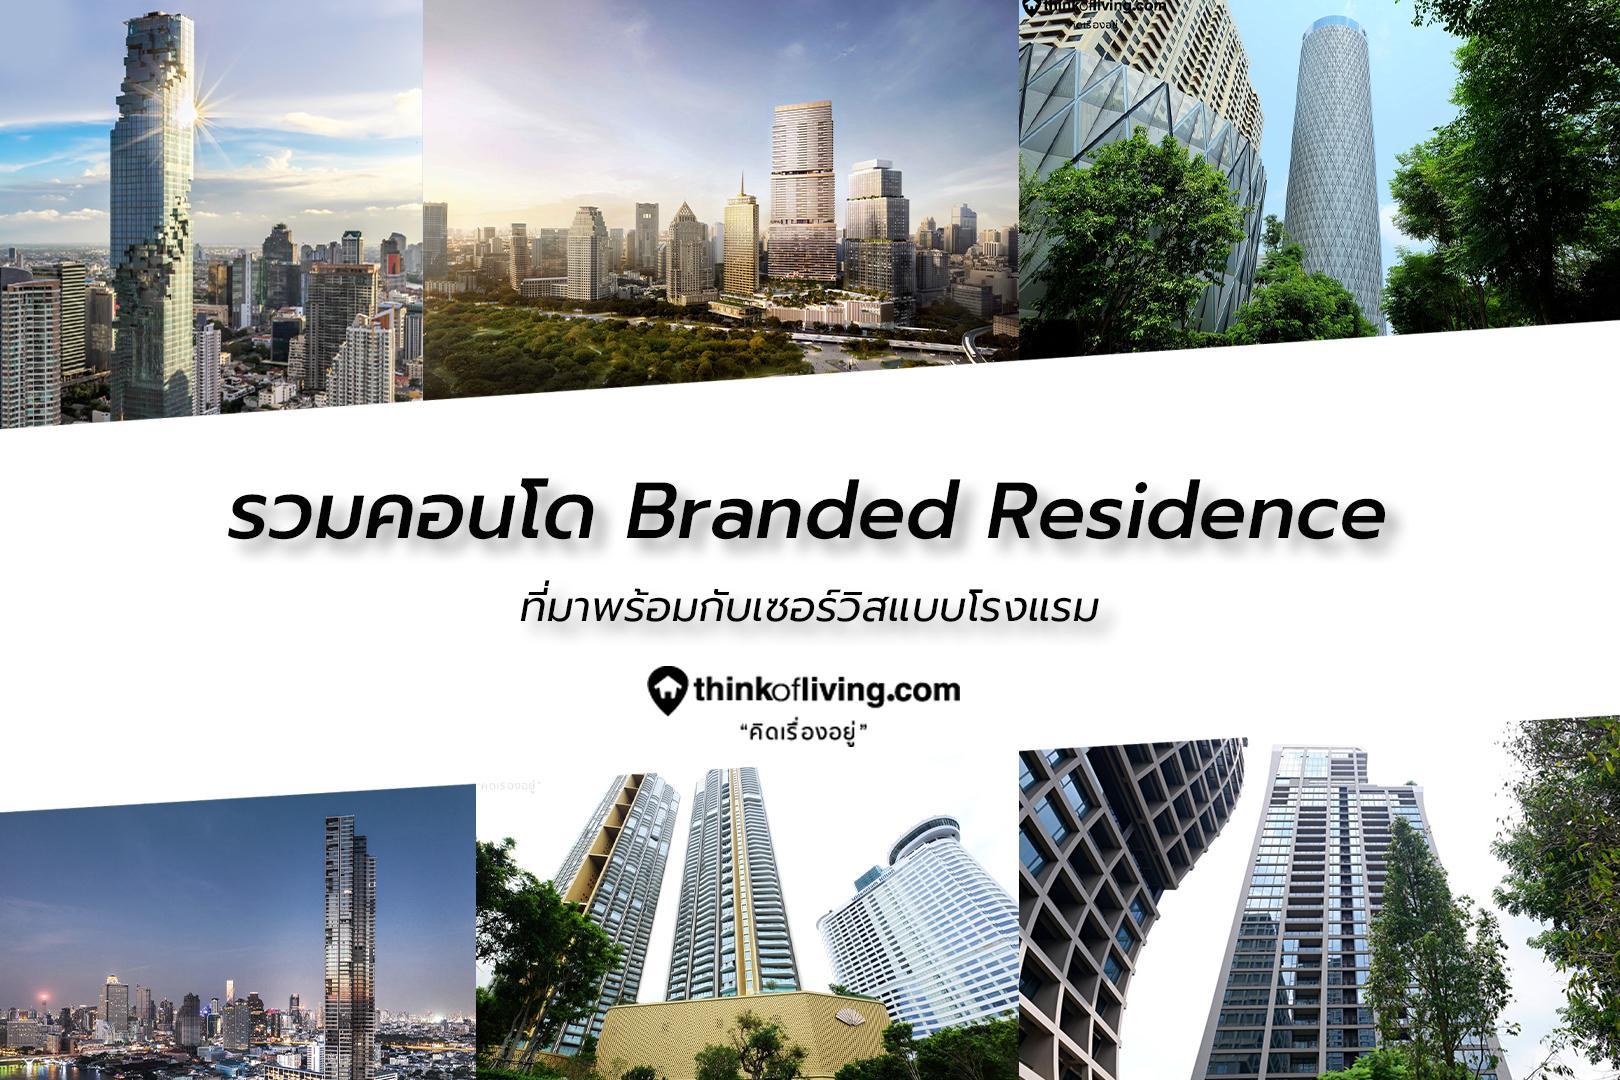 ฺBranded Residence